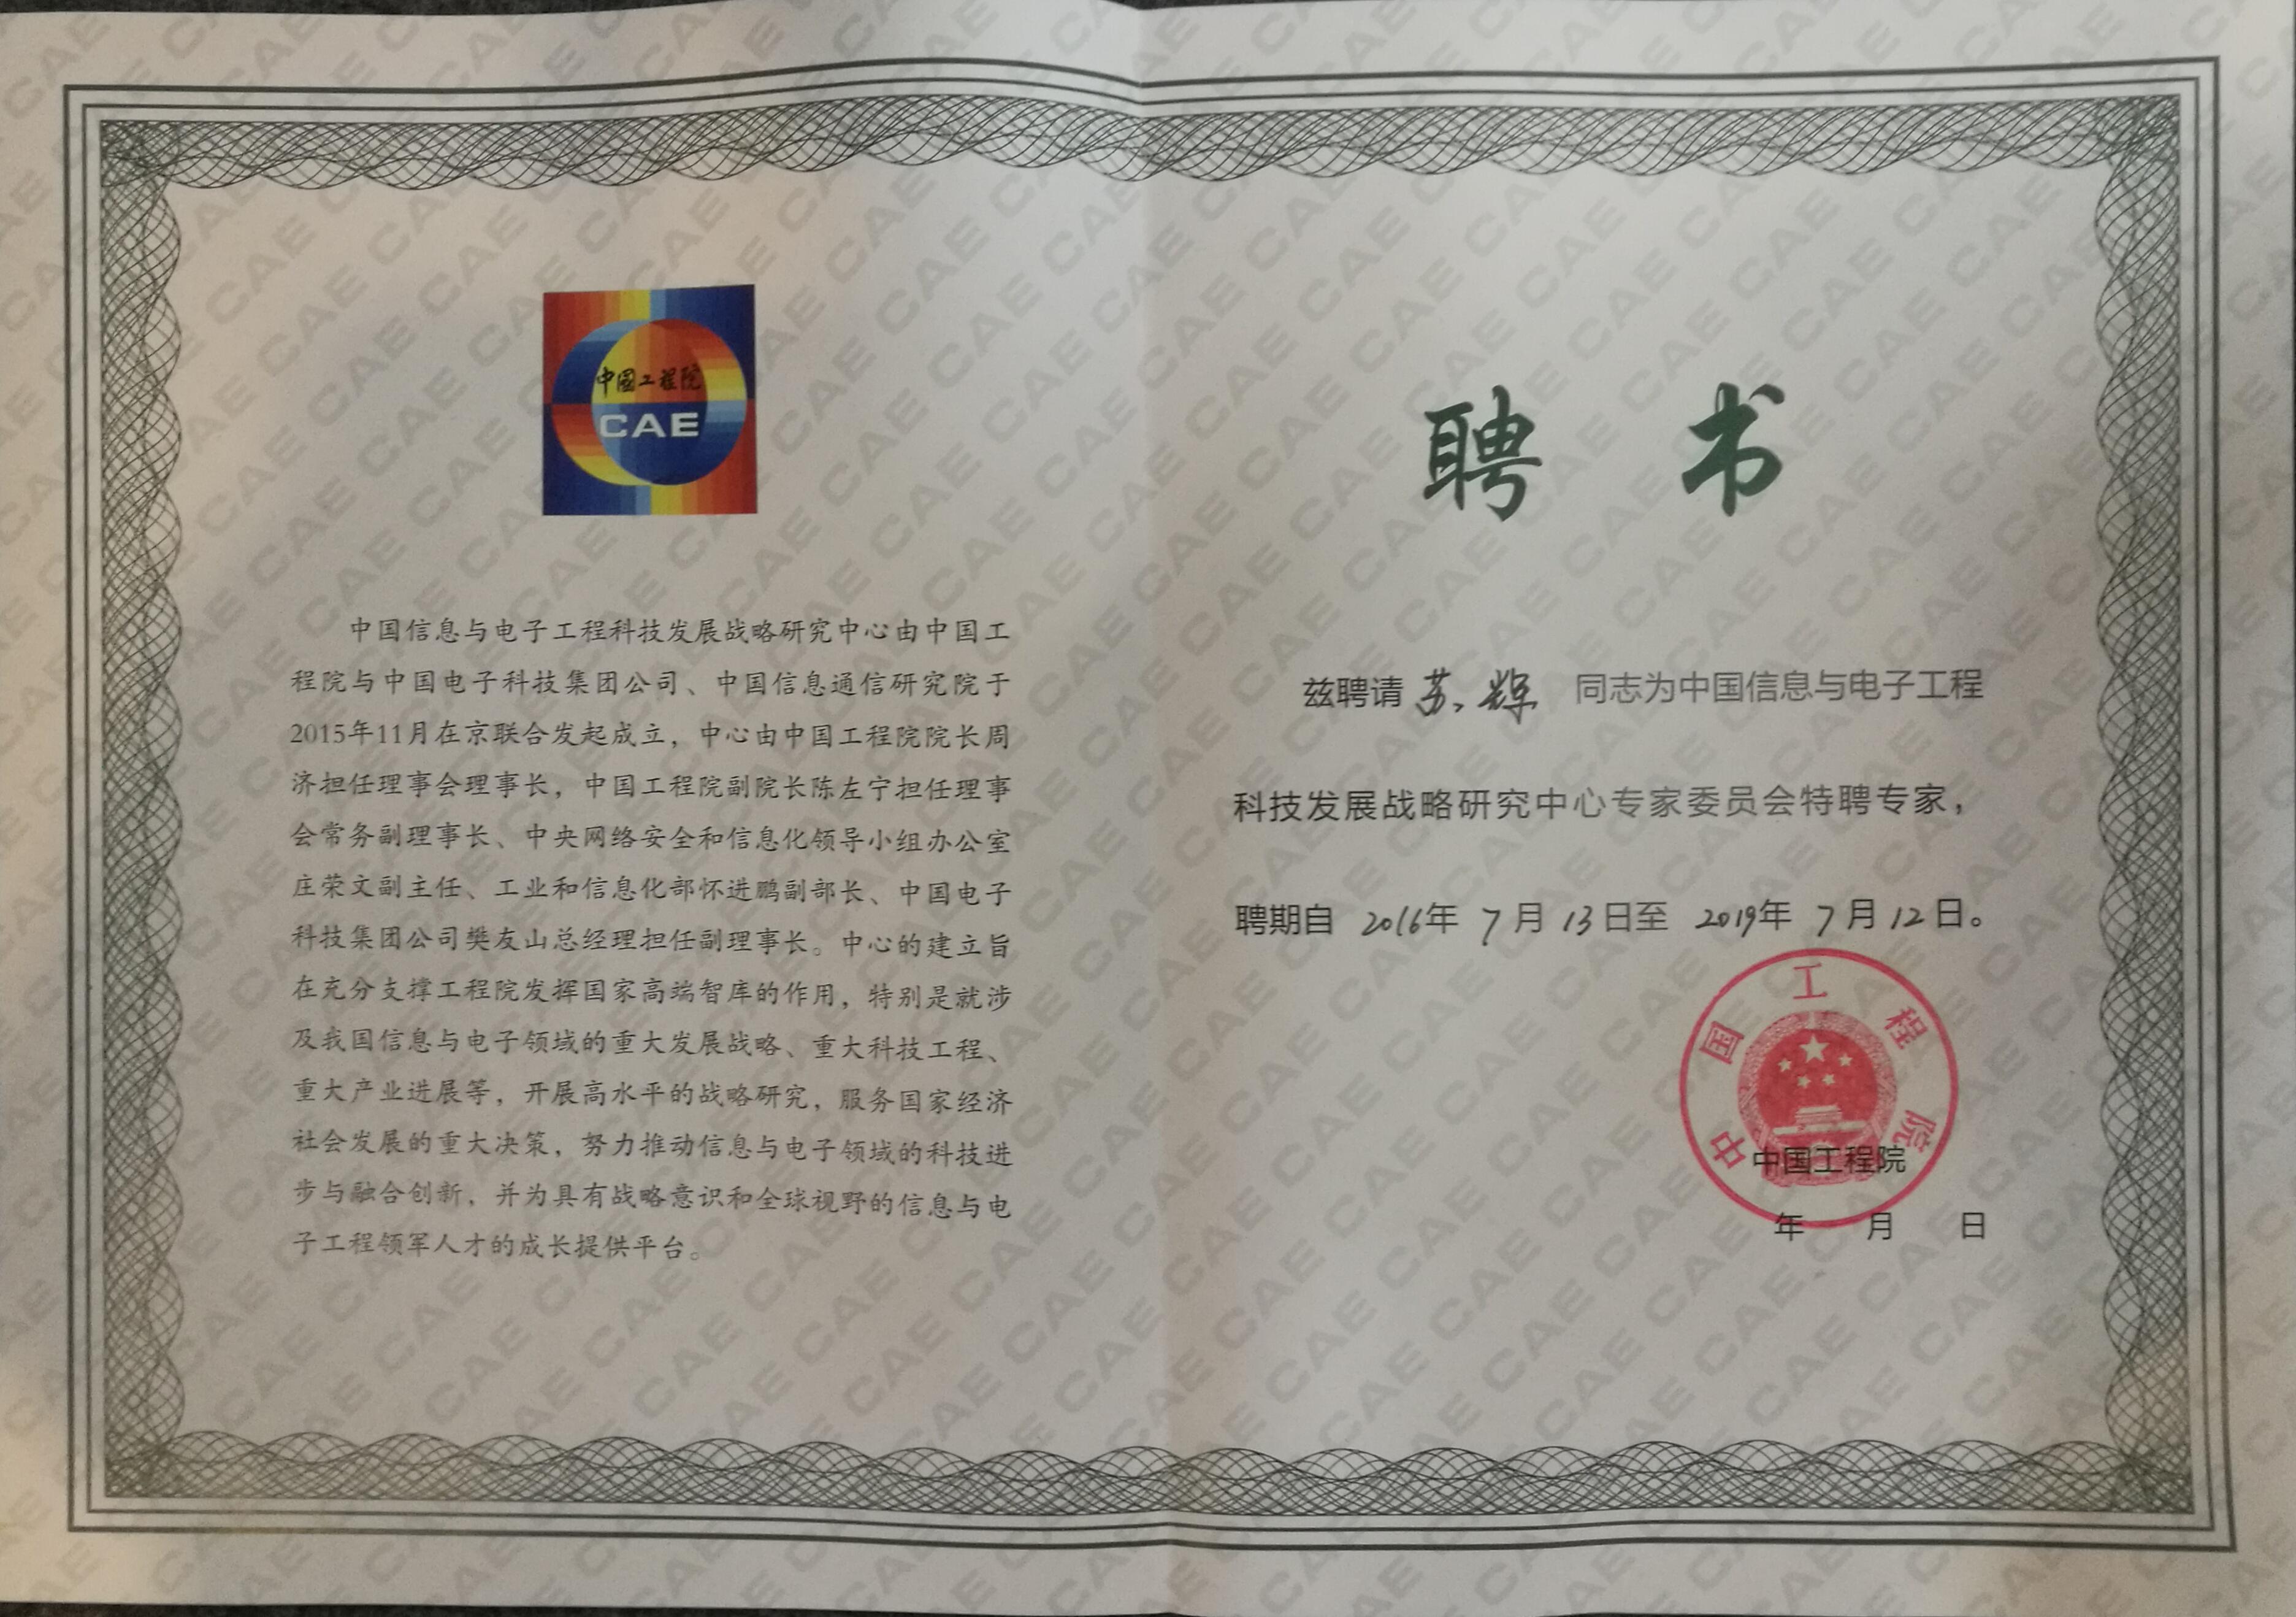 中國信息與電子工程科技發展戰略研究中心專家委員會特聘專家-蘇輝